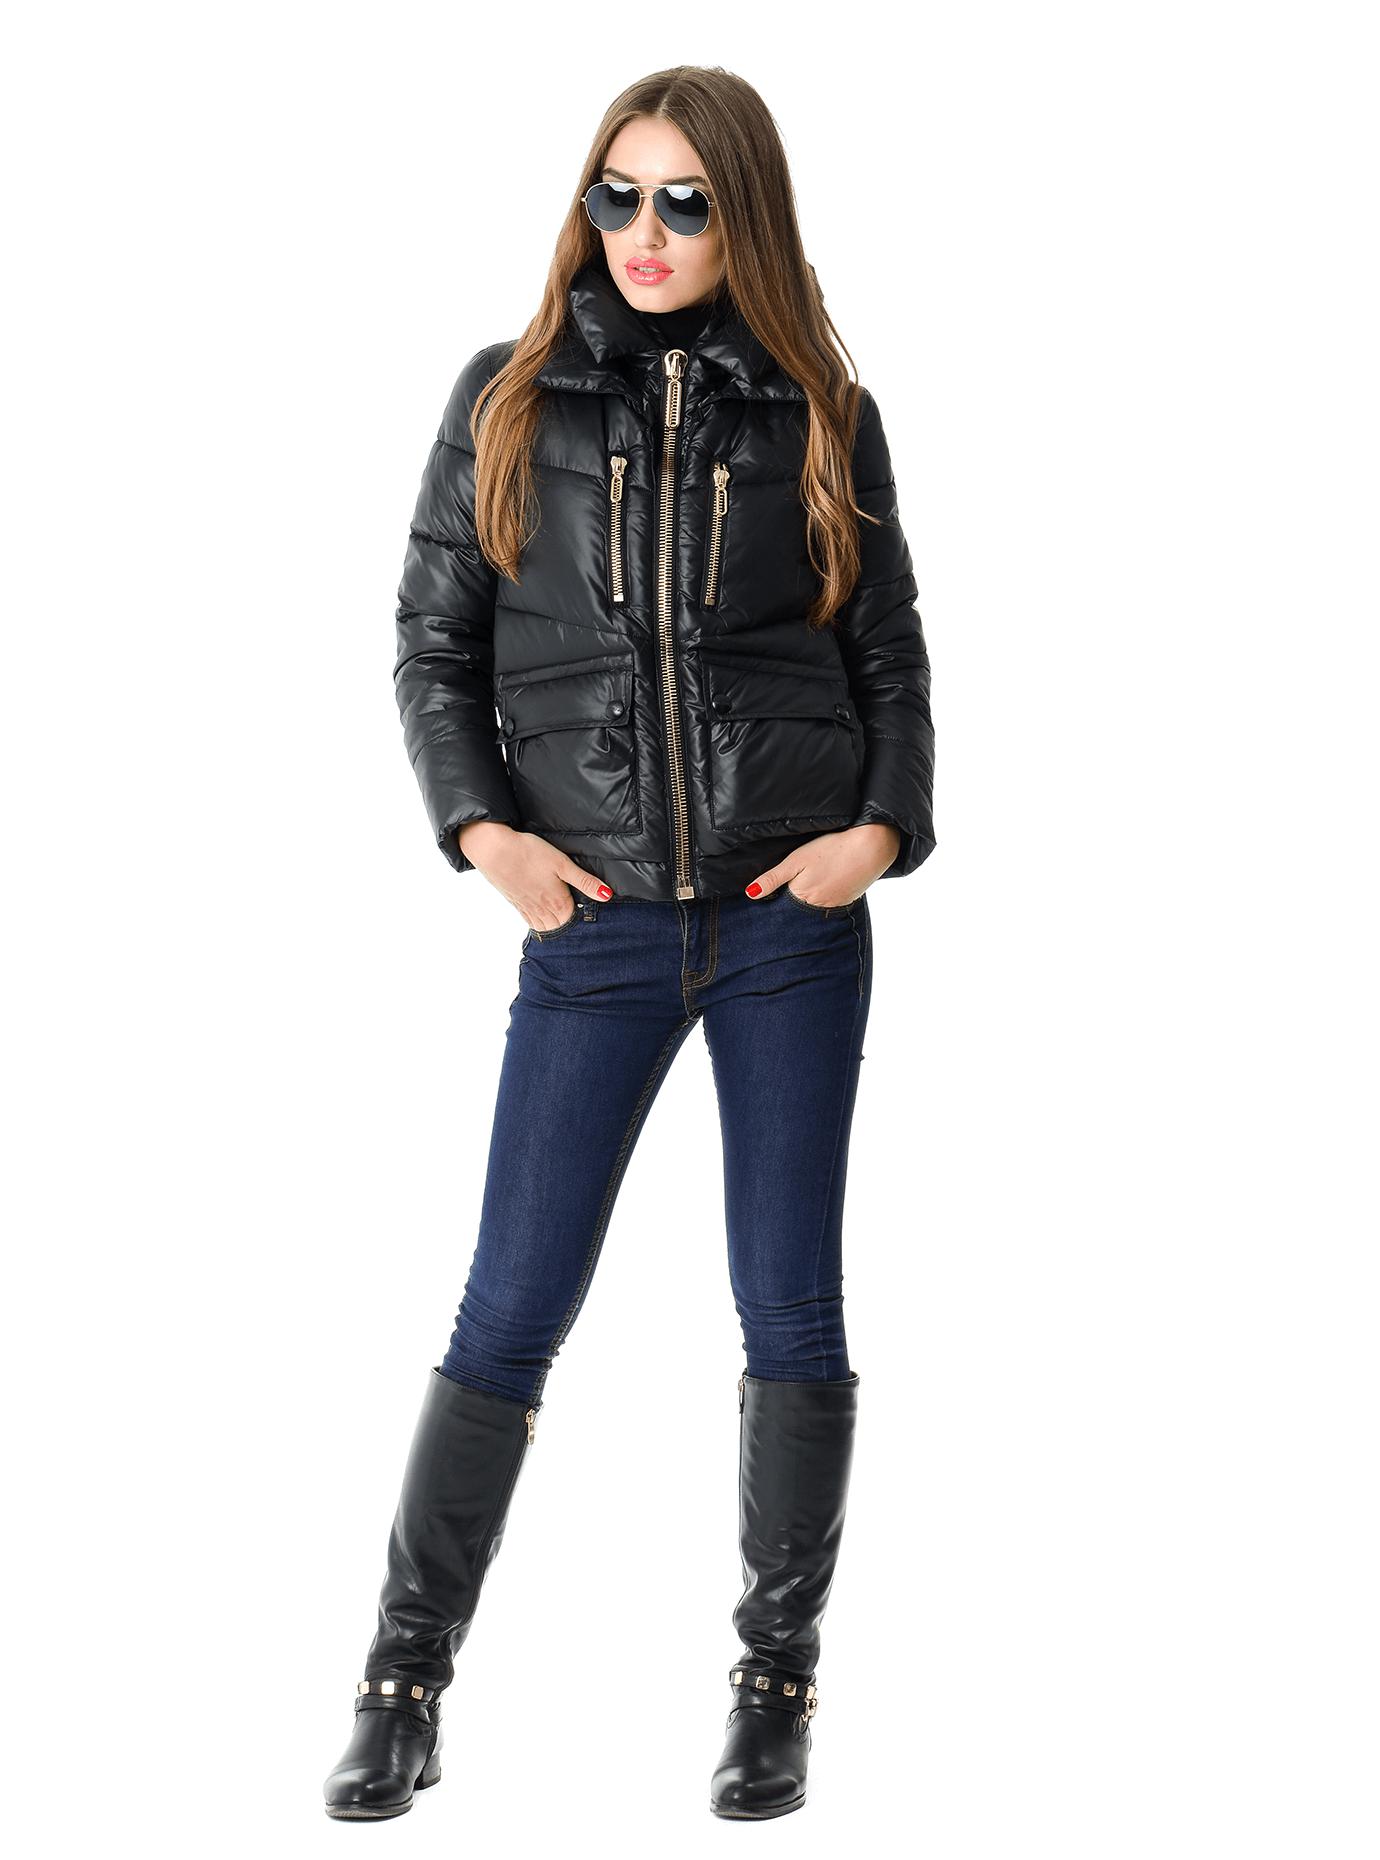 Куртка зимняя короткая с капюшоном Чёрный S (02-SO19036): фото - Alster.ua